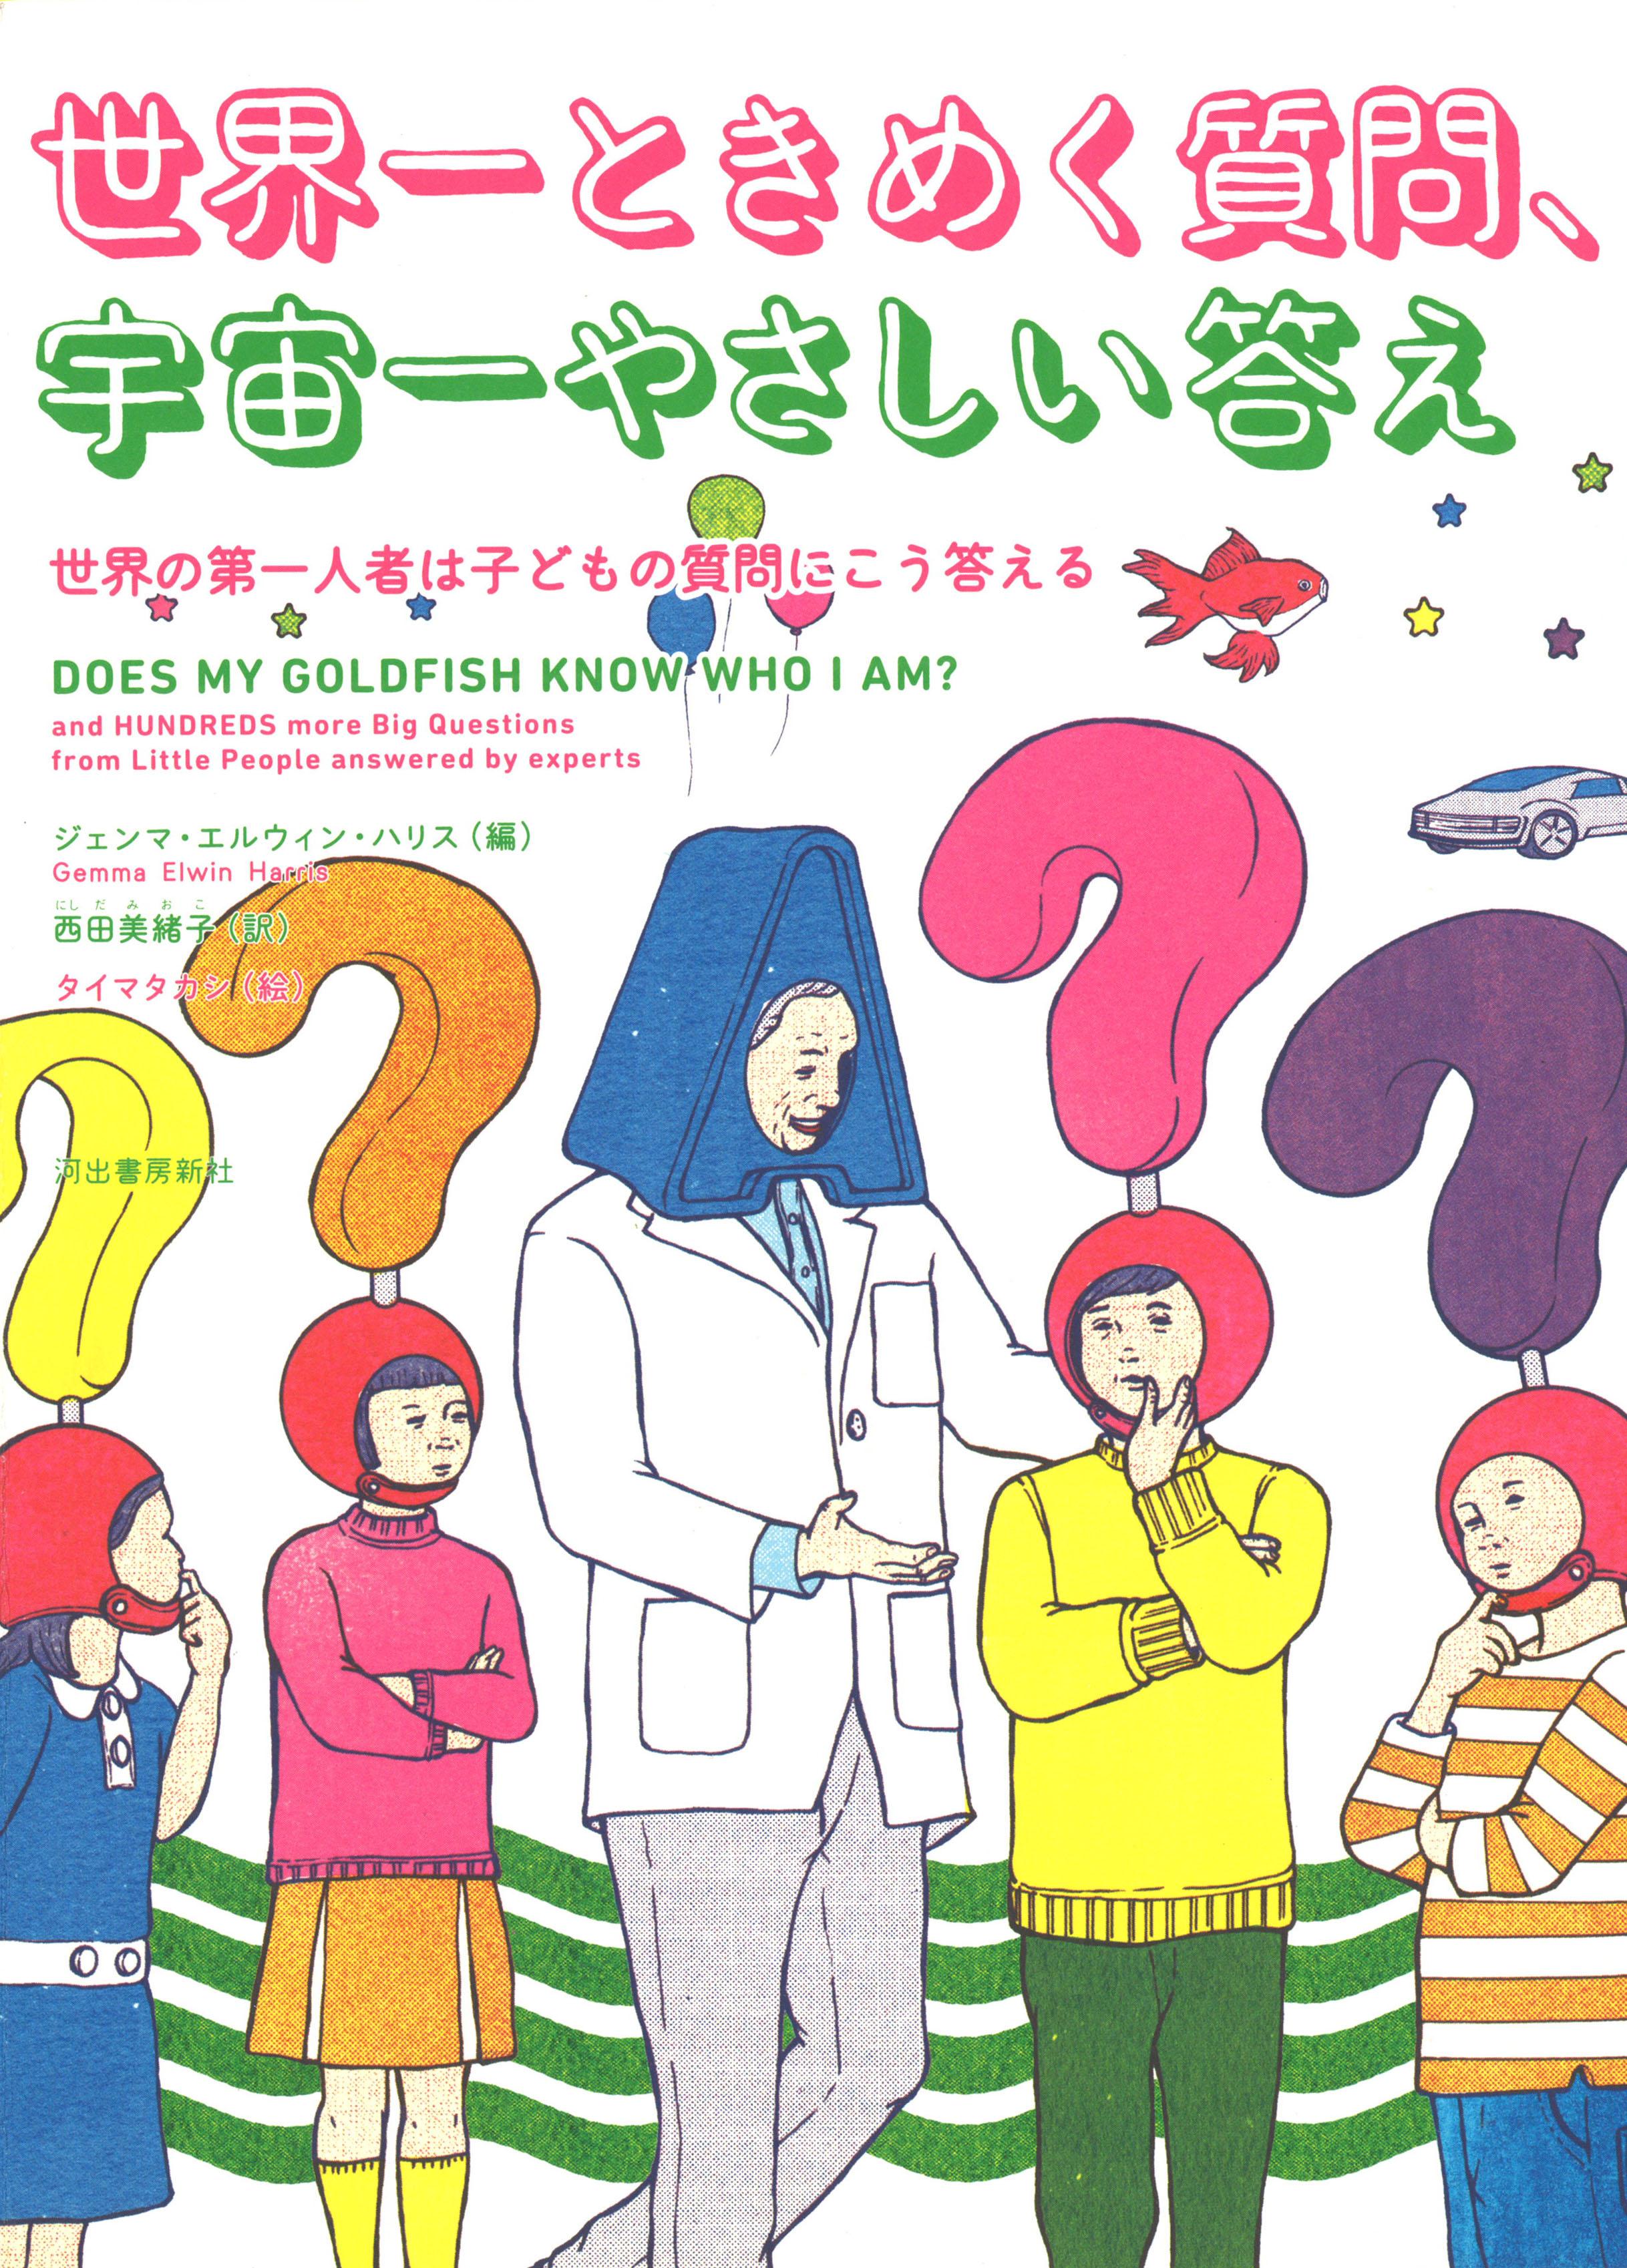 世界一ときめく質問、宇宙一やさしい答え ジェンマ・エルウィン・ハリス編  西田美緒子訳 タイマタカシ絵